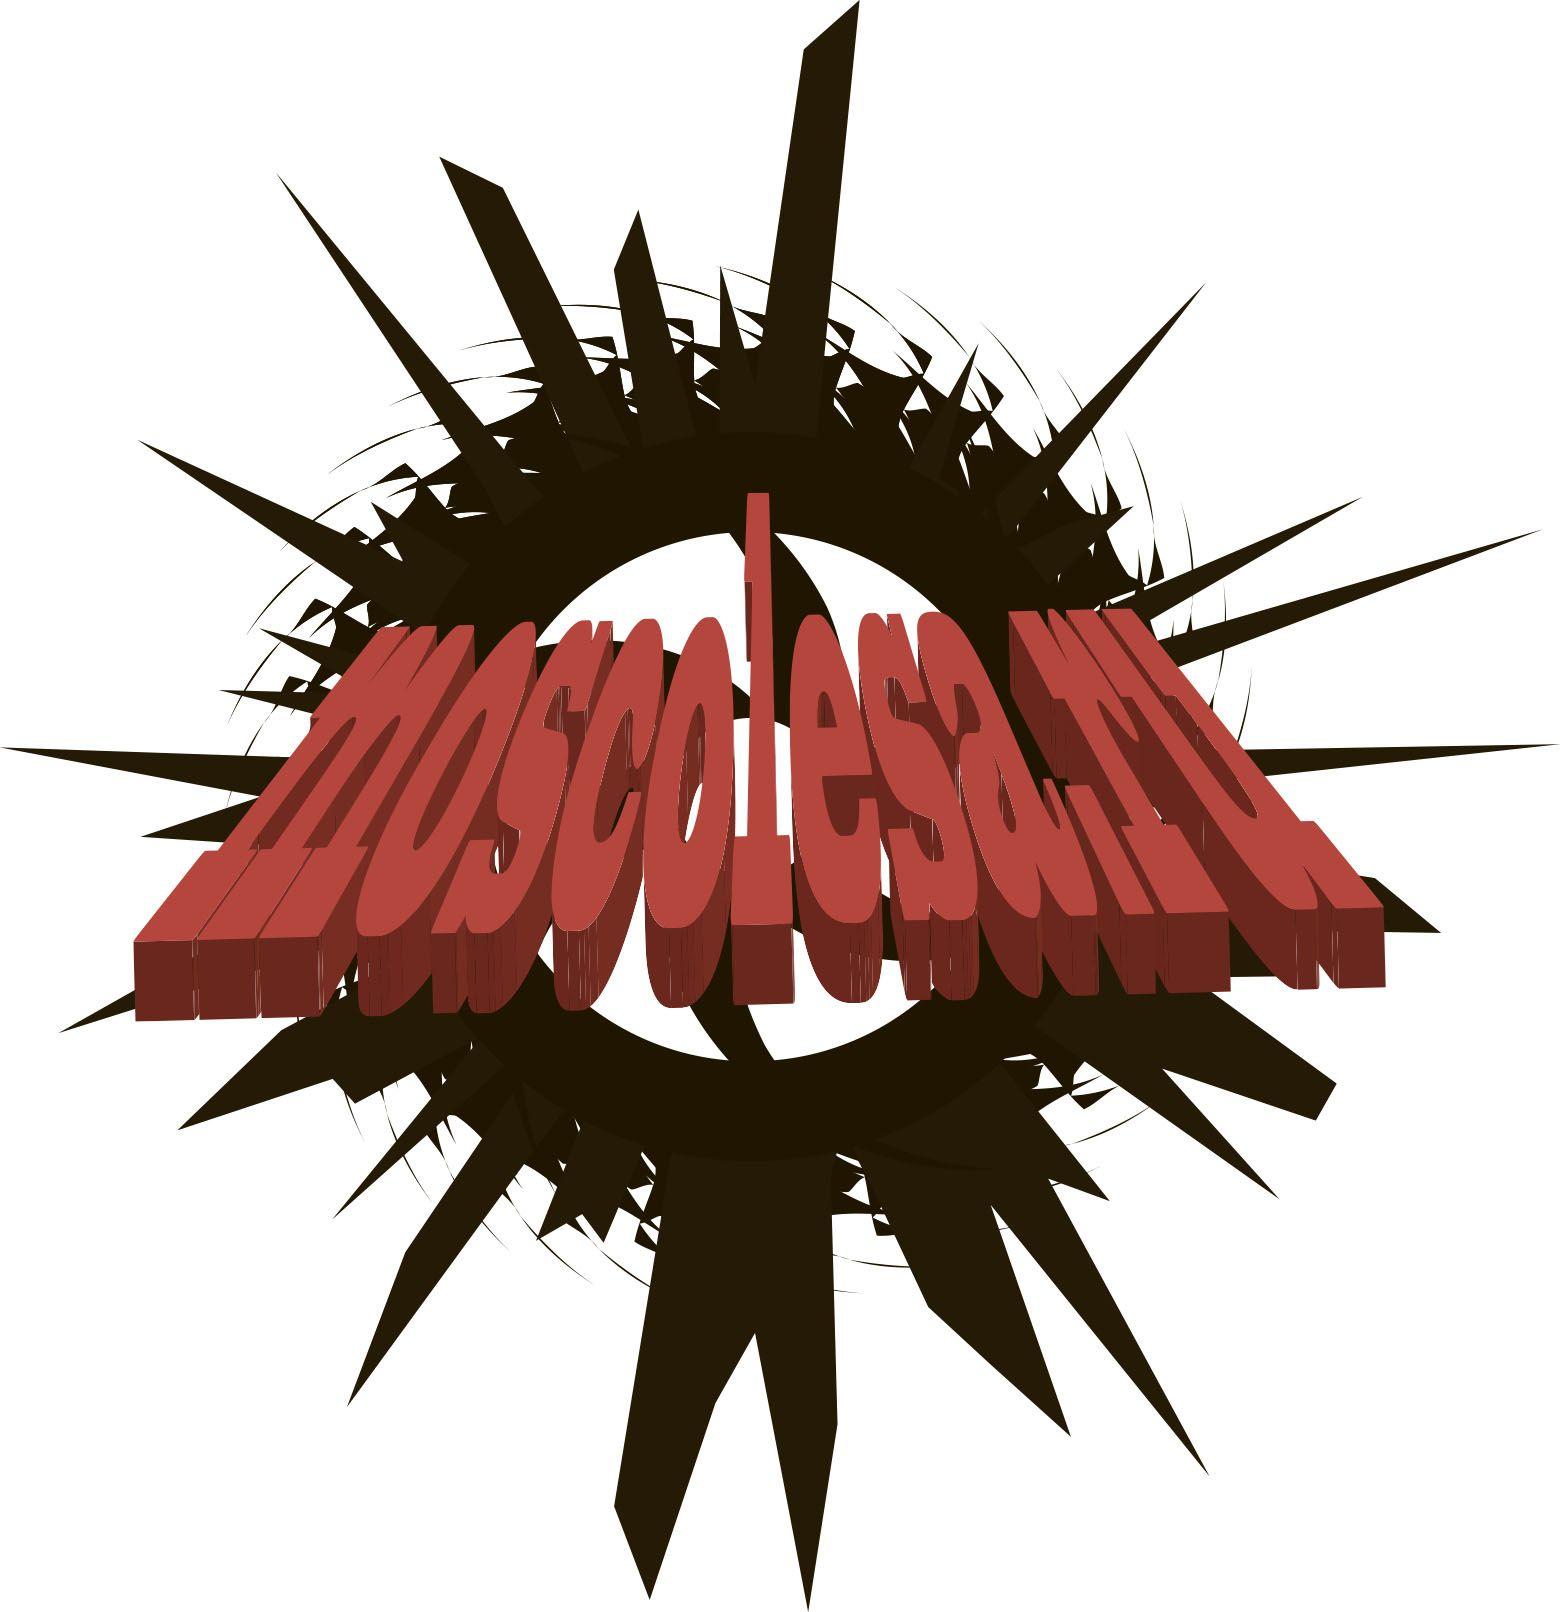 Лого и фир.стиль для ИМ шин и дисков. - дизайнер Velo16